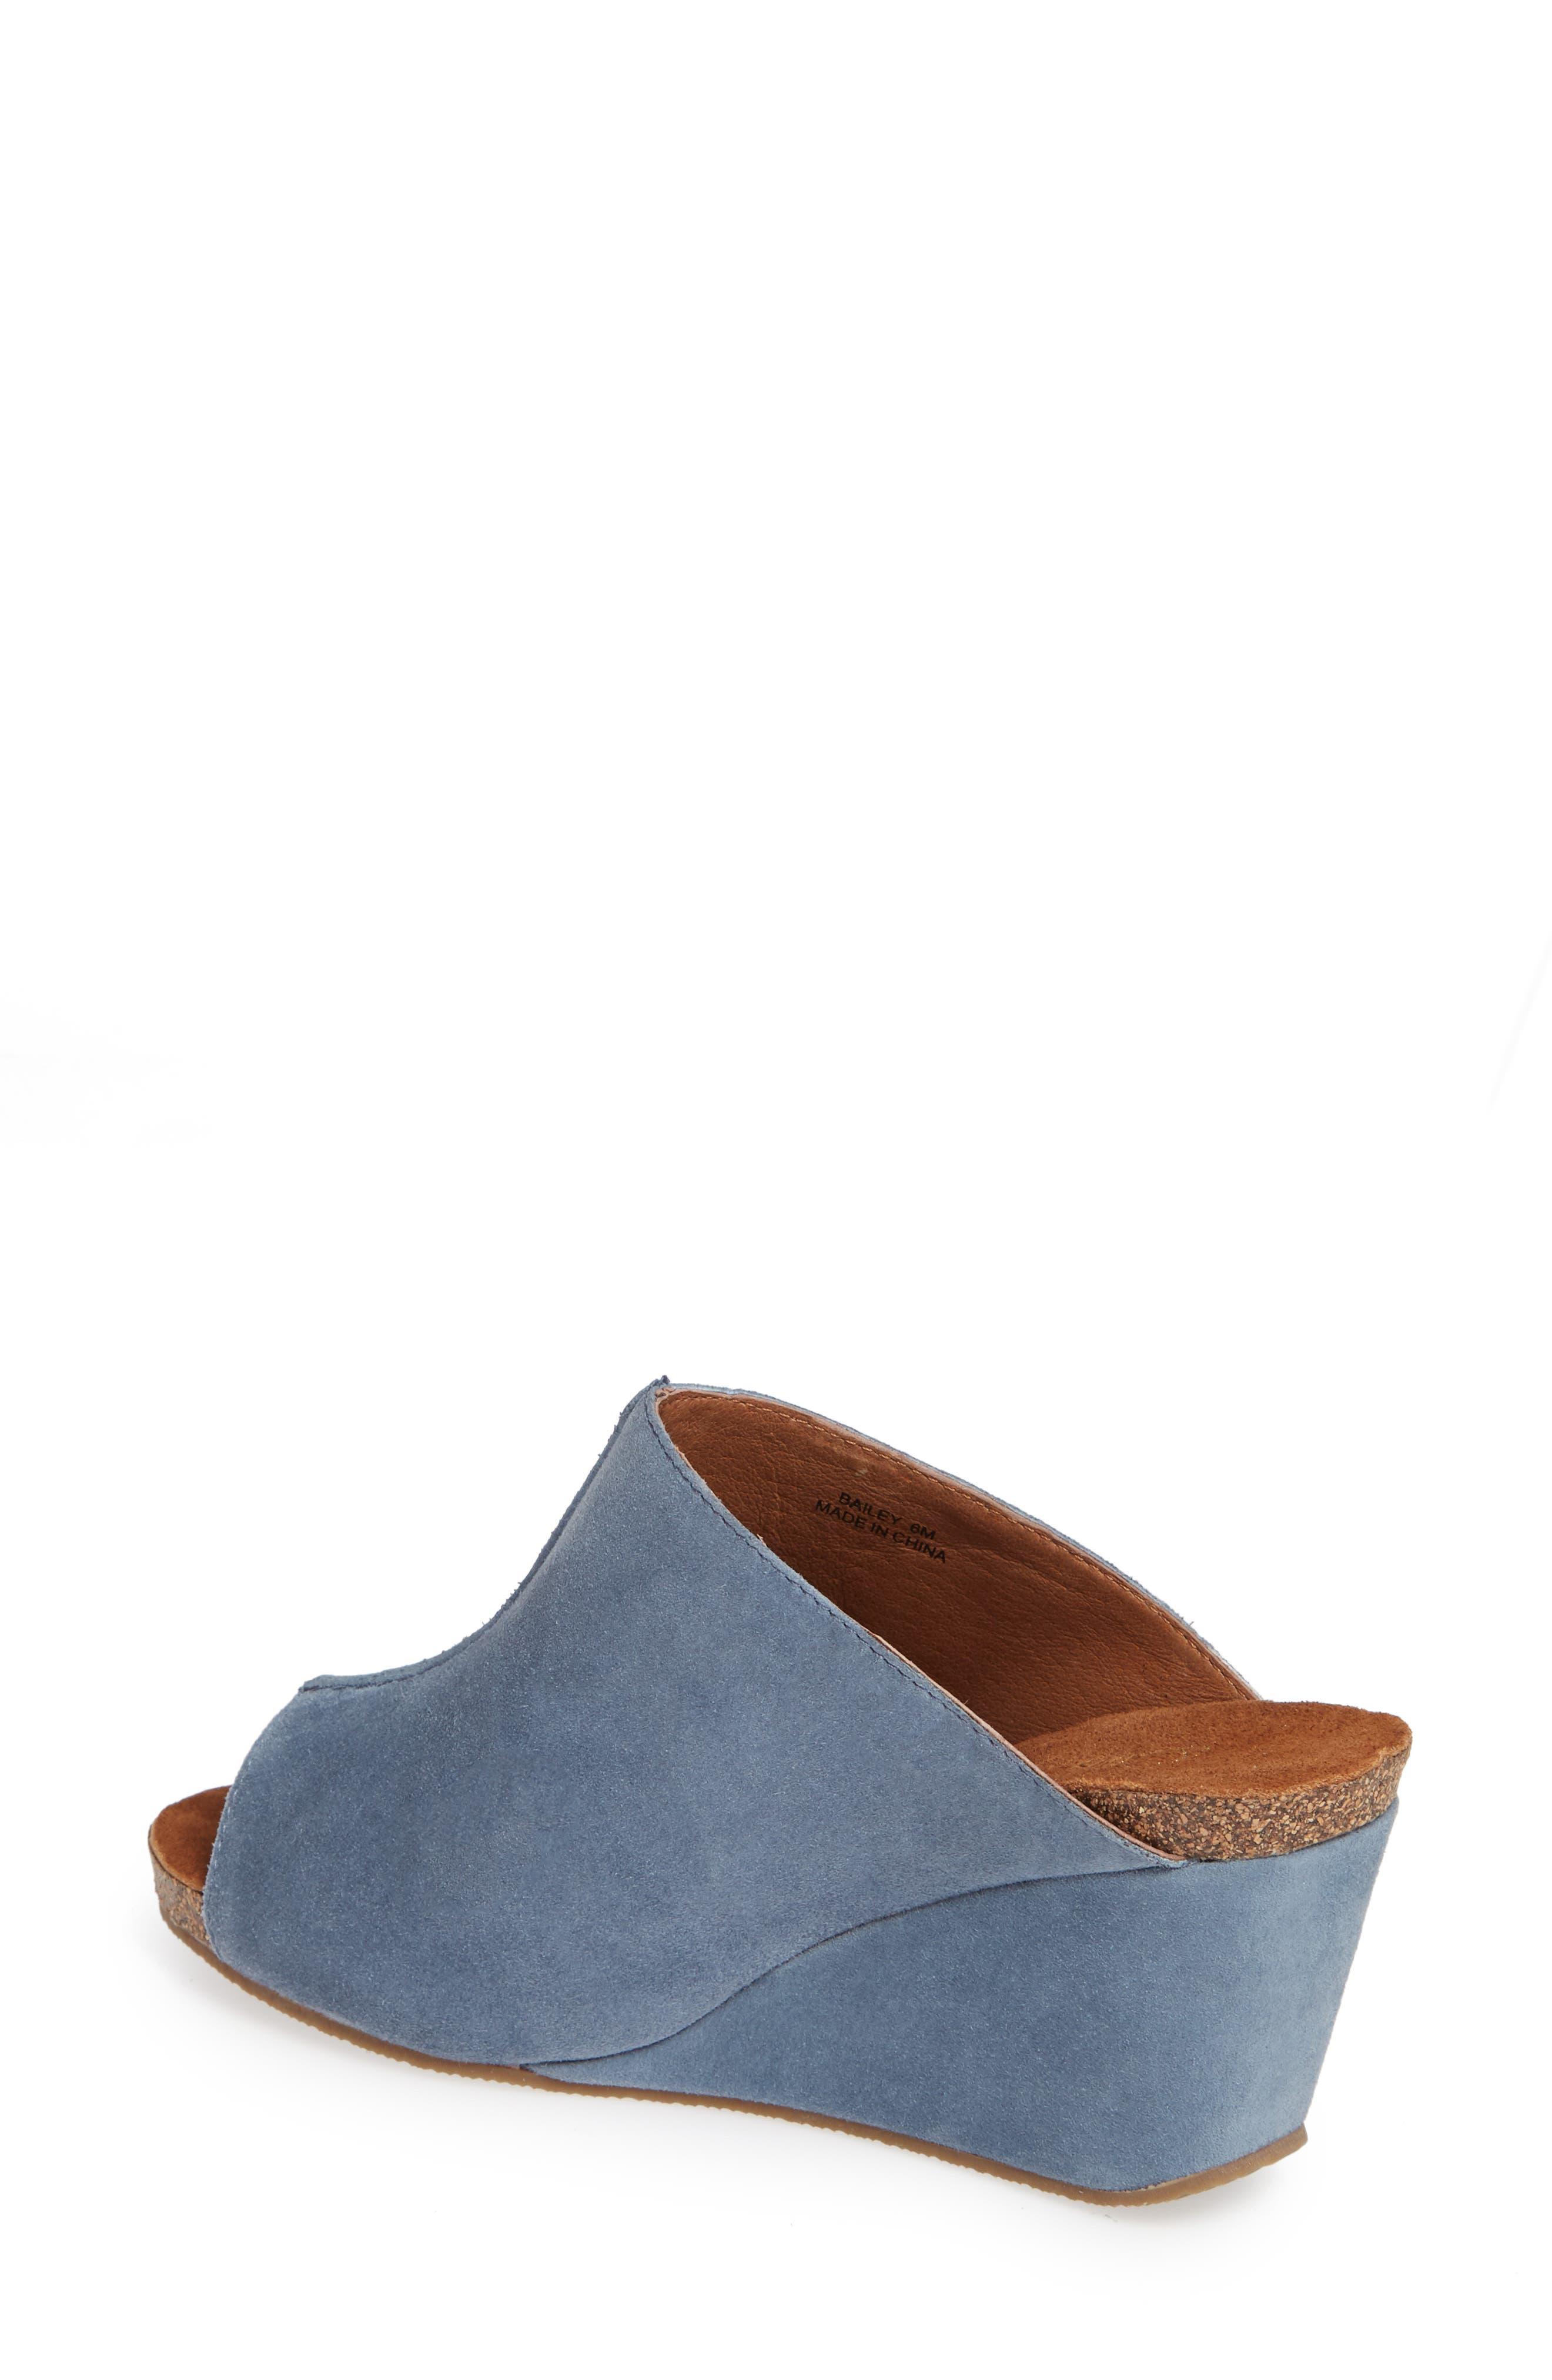 22d5db2fc446 Sudini Shoes